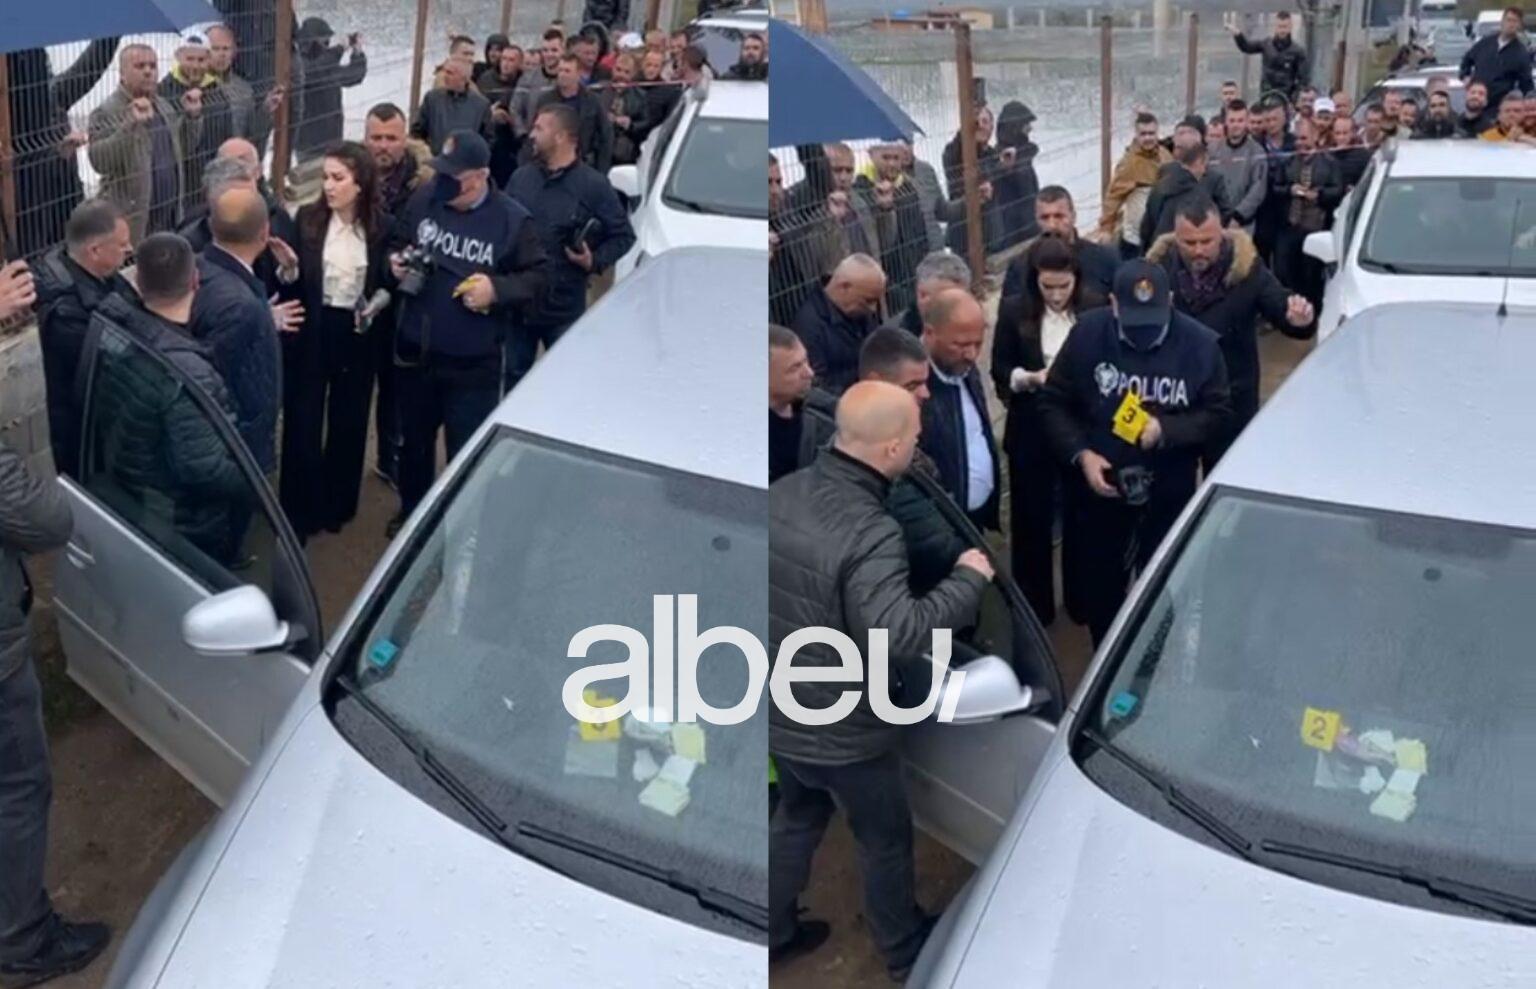 Hapet makina e bllokuar në Dibër, brenda gjenden tufa plot me para: Do ia çoj direkt Berishës! (VIDEO)